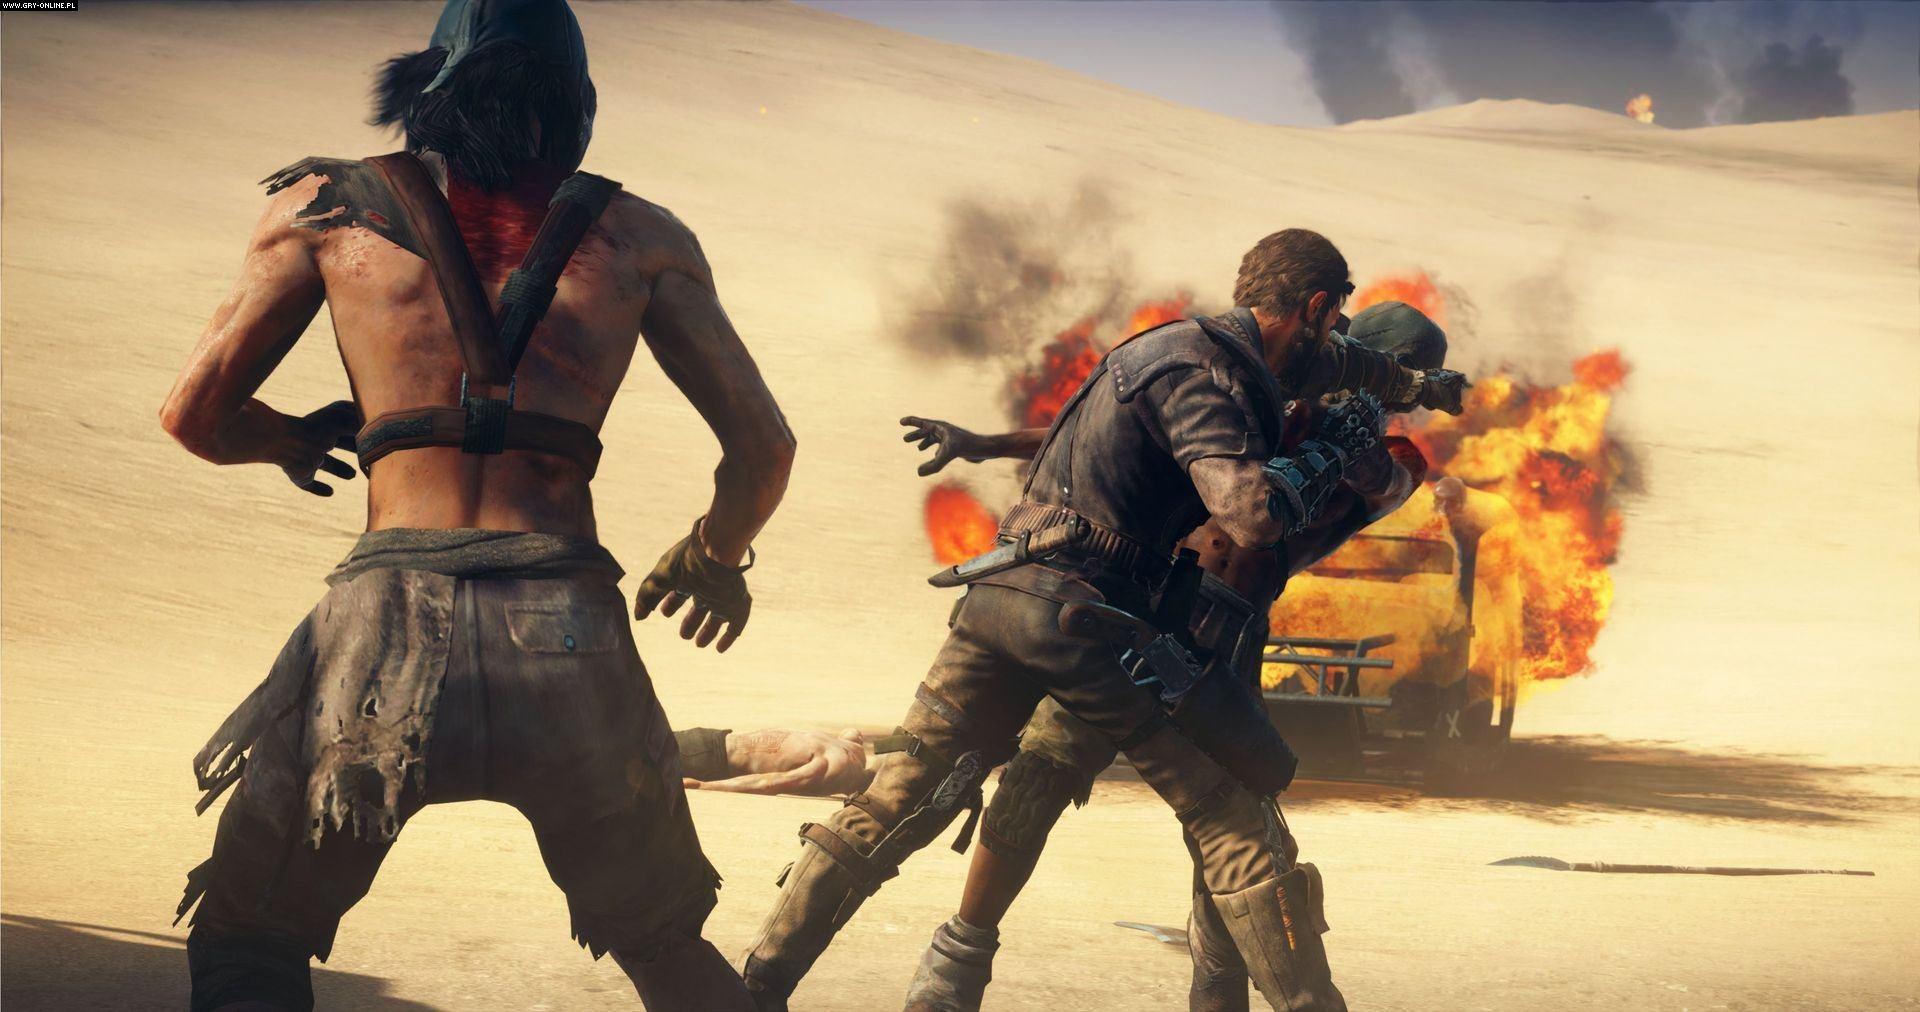 Mad Max image #7